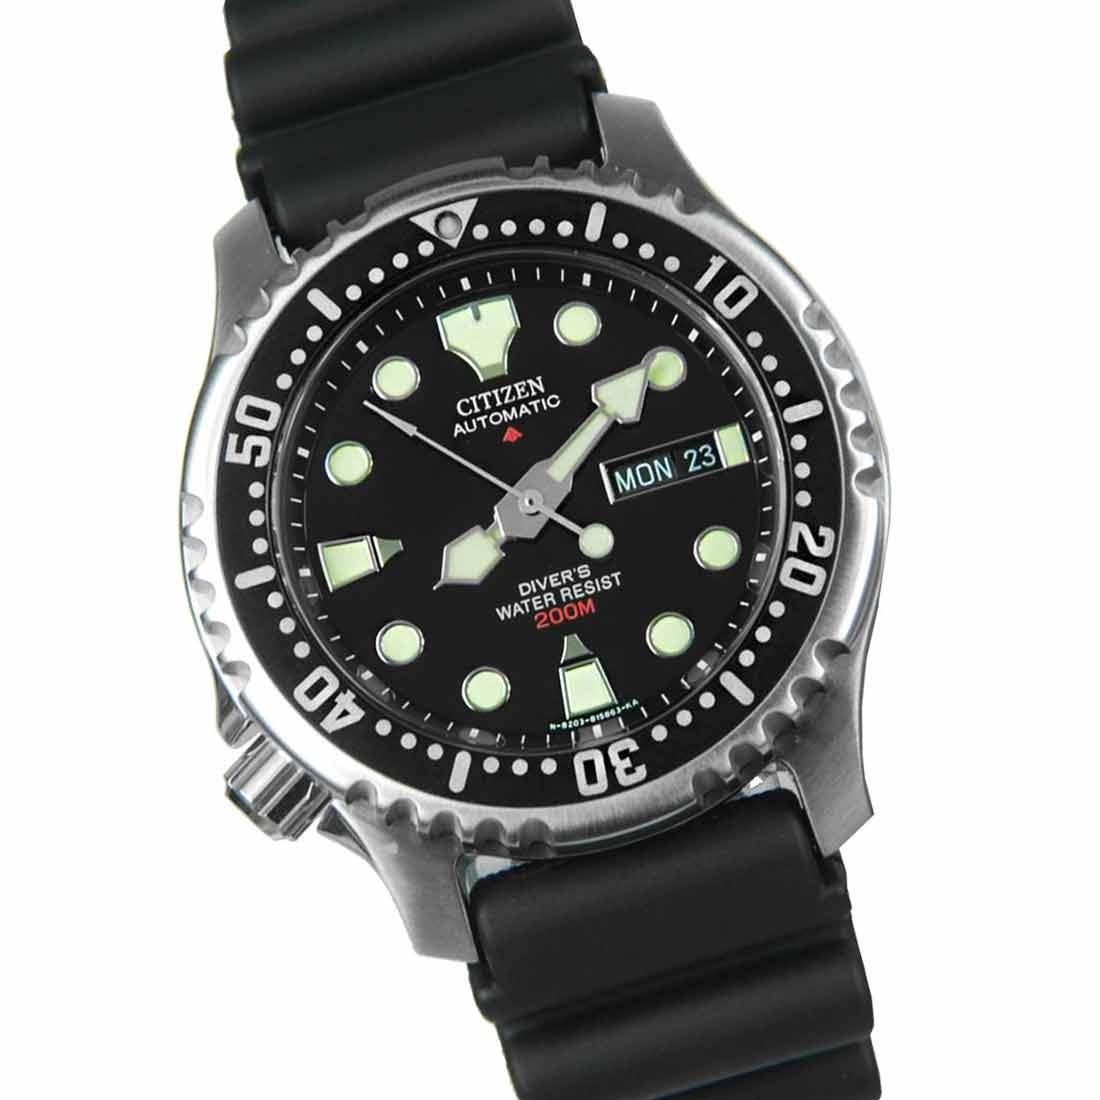 Citizen mens divers watch ny2300 ny0040 ny0054 ebay - Citizen promaster dive watch ...